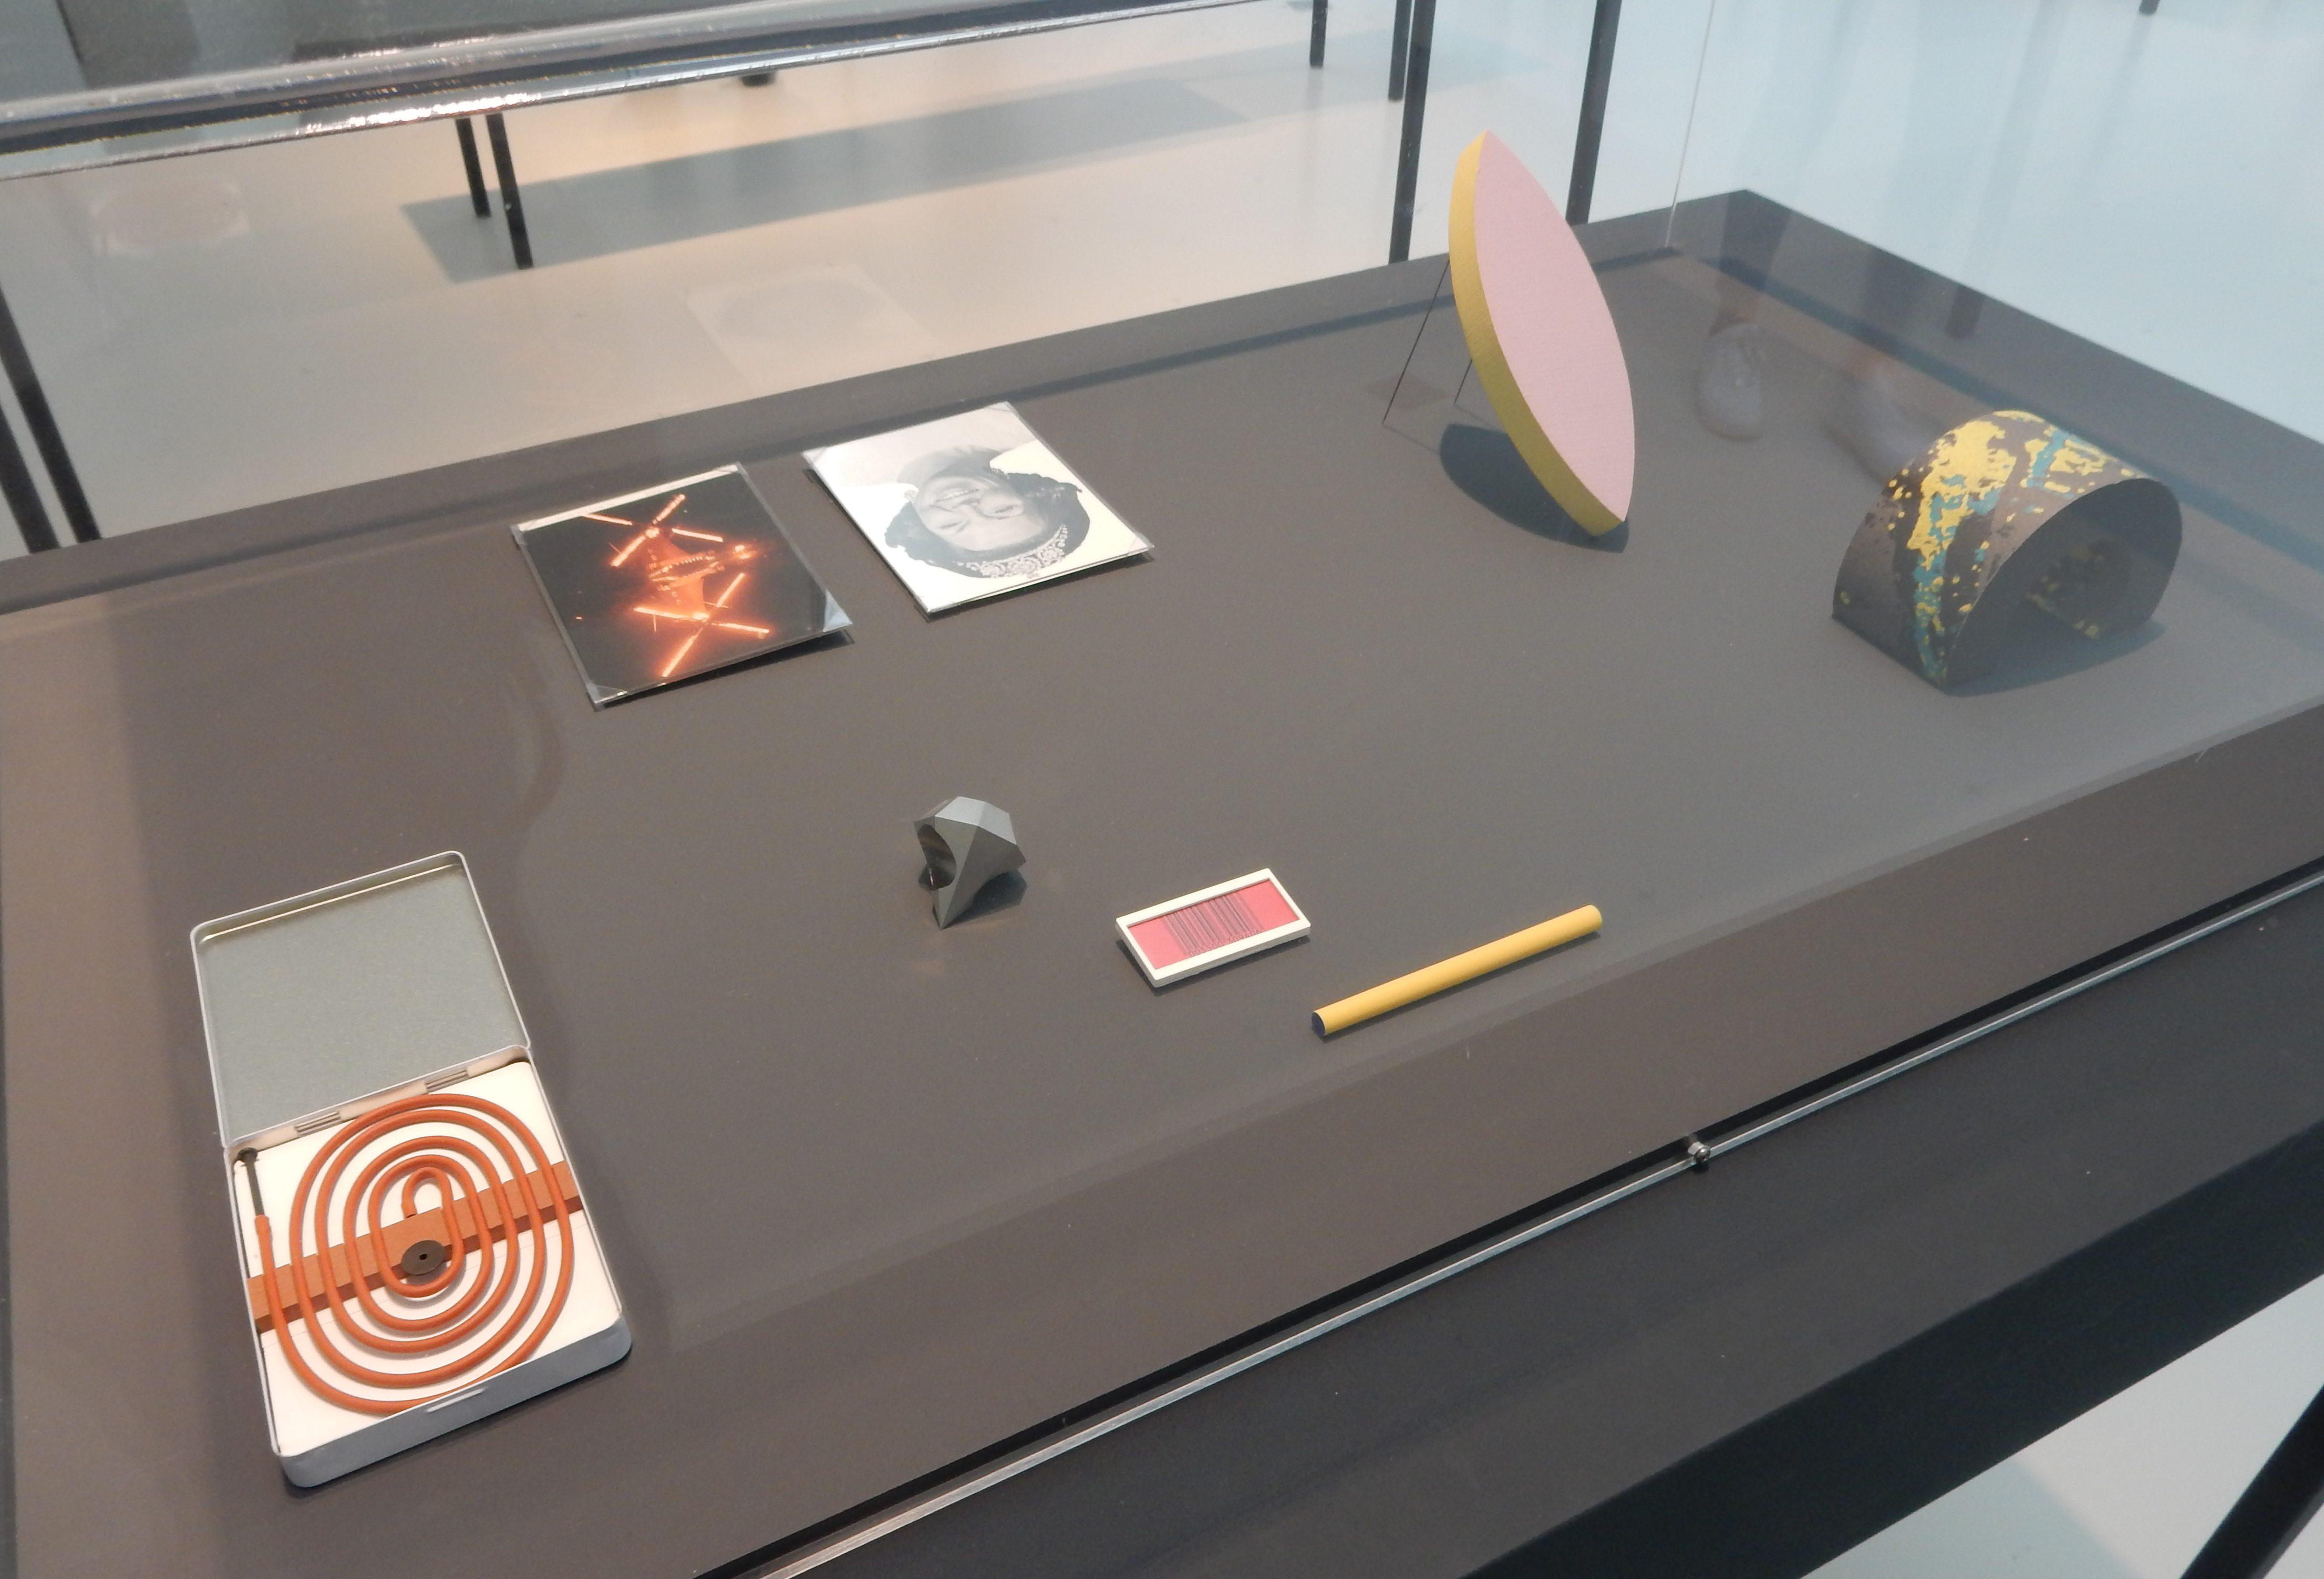 Otto Künzli, Show Yourself, Design Museum Den Bosch, 2018. Collectie Benno Premsela, tentoonstelling, tafelvitrine, metalen, kunststoffen, papier, broches